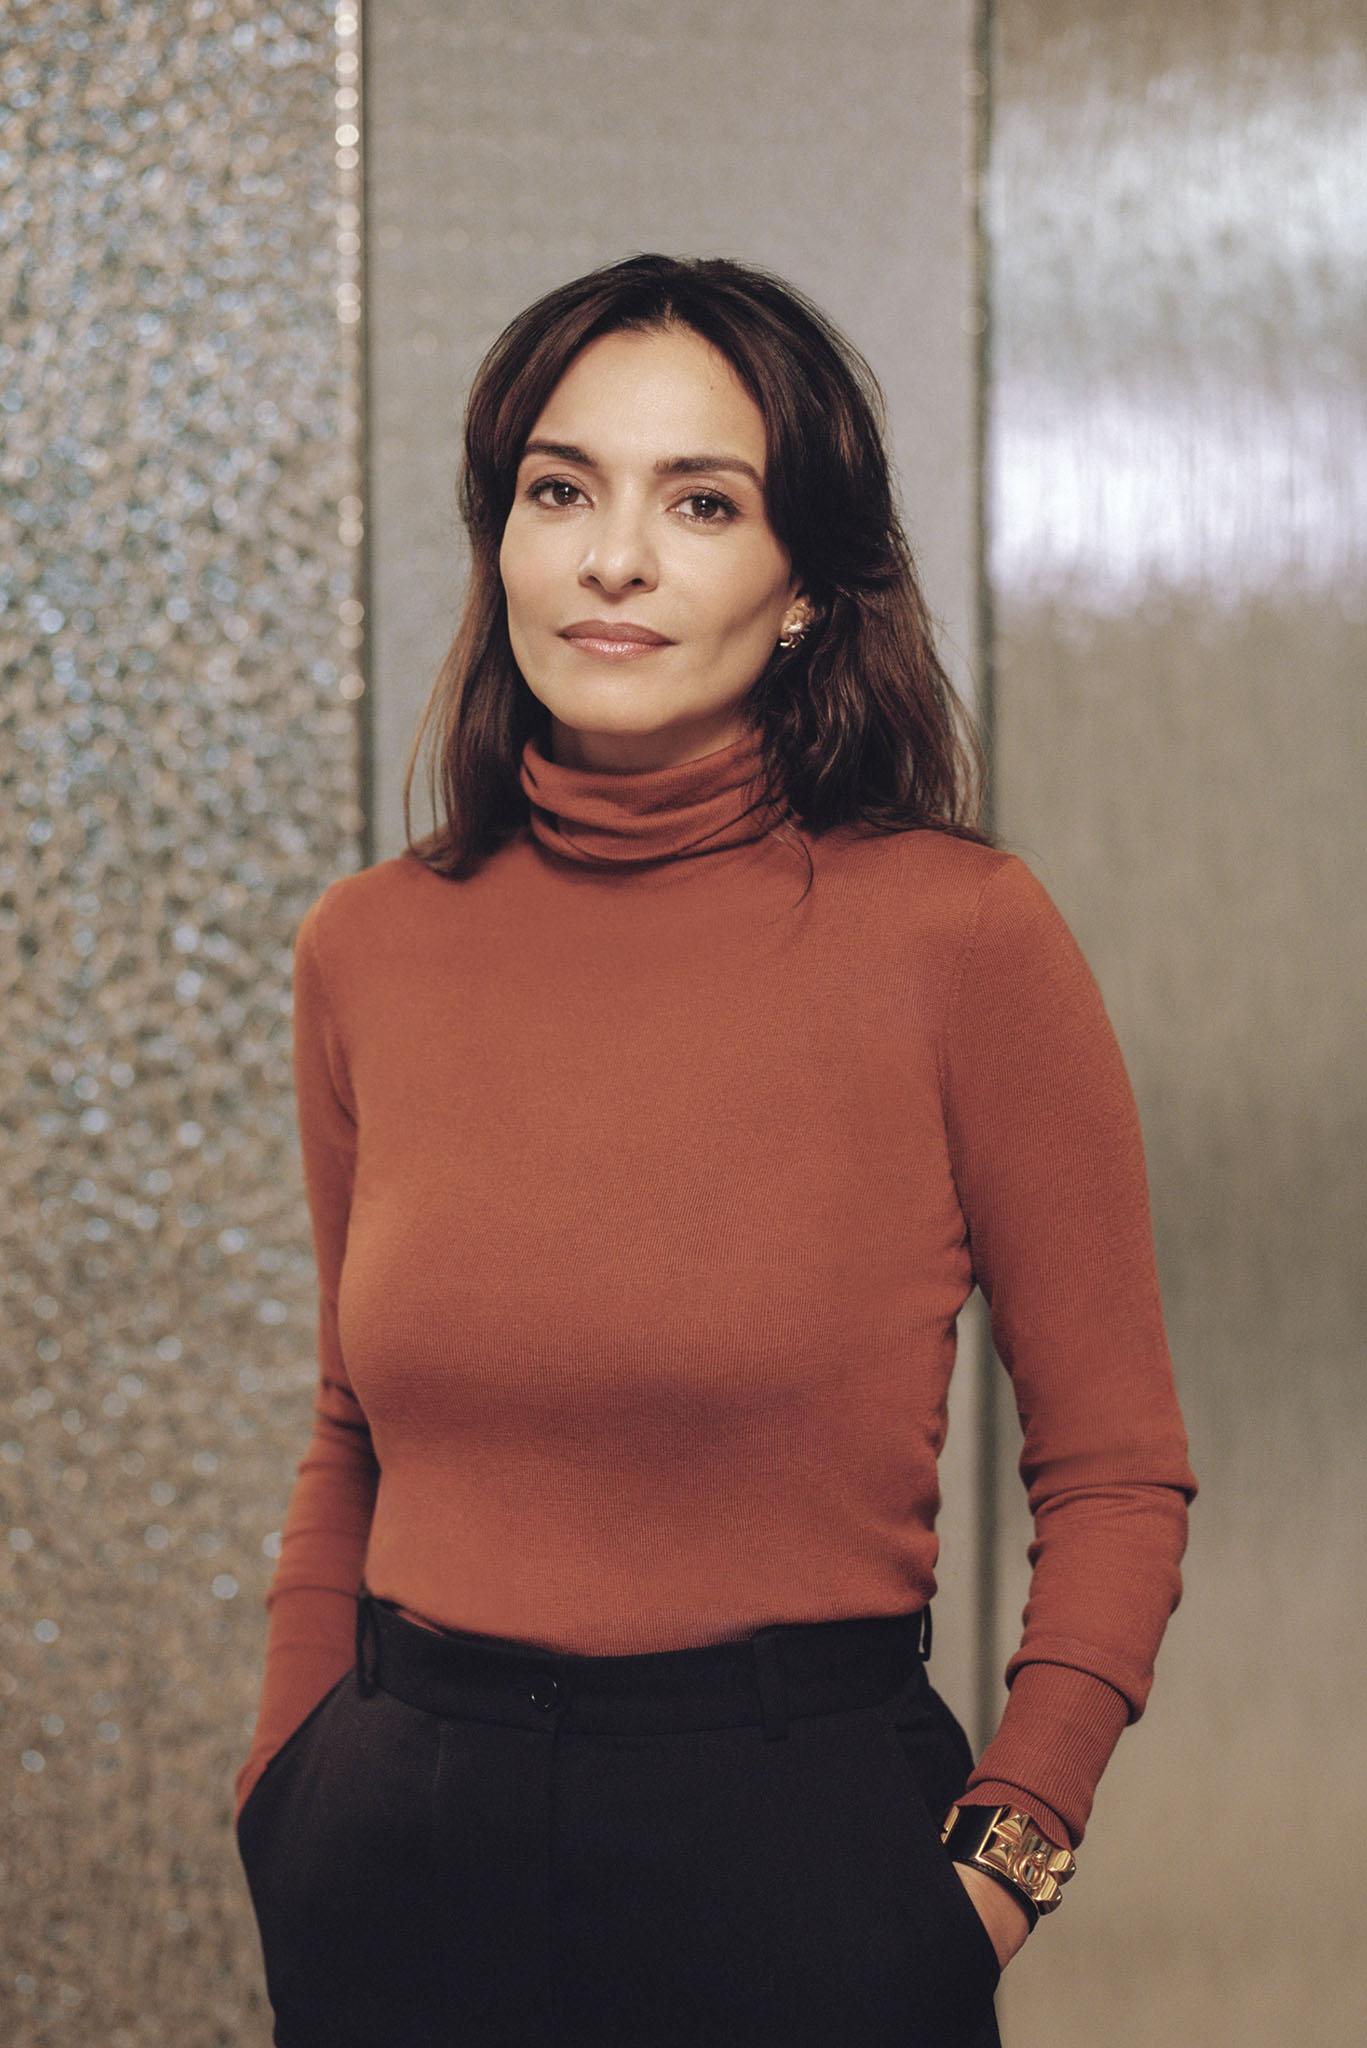 Nadia Dhouib